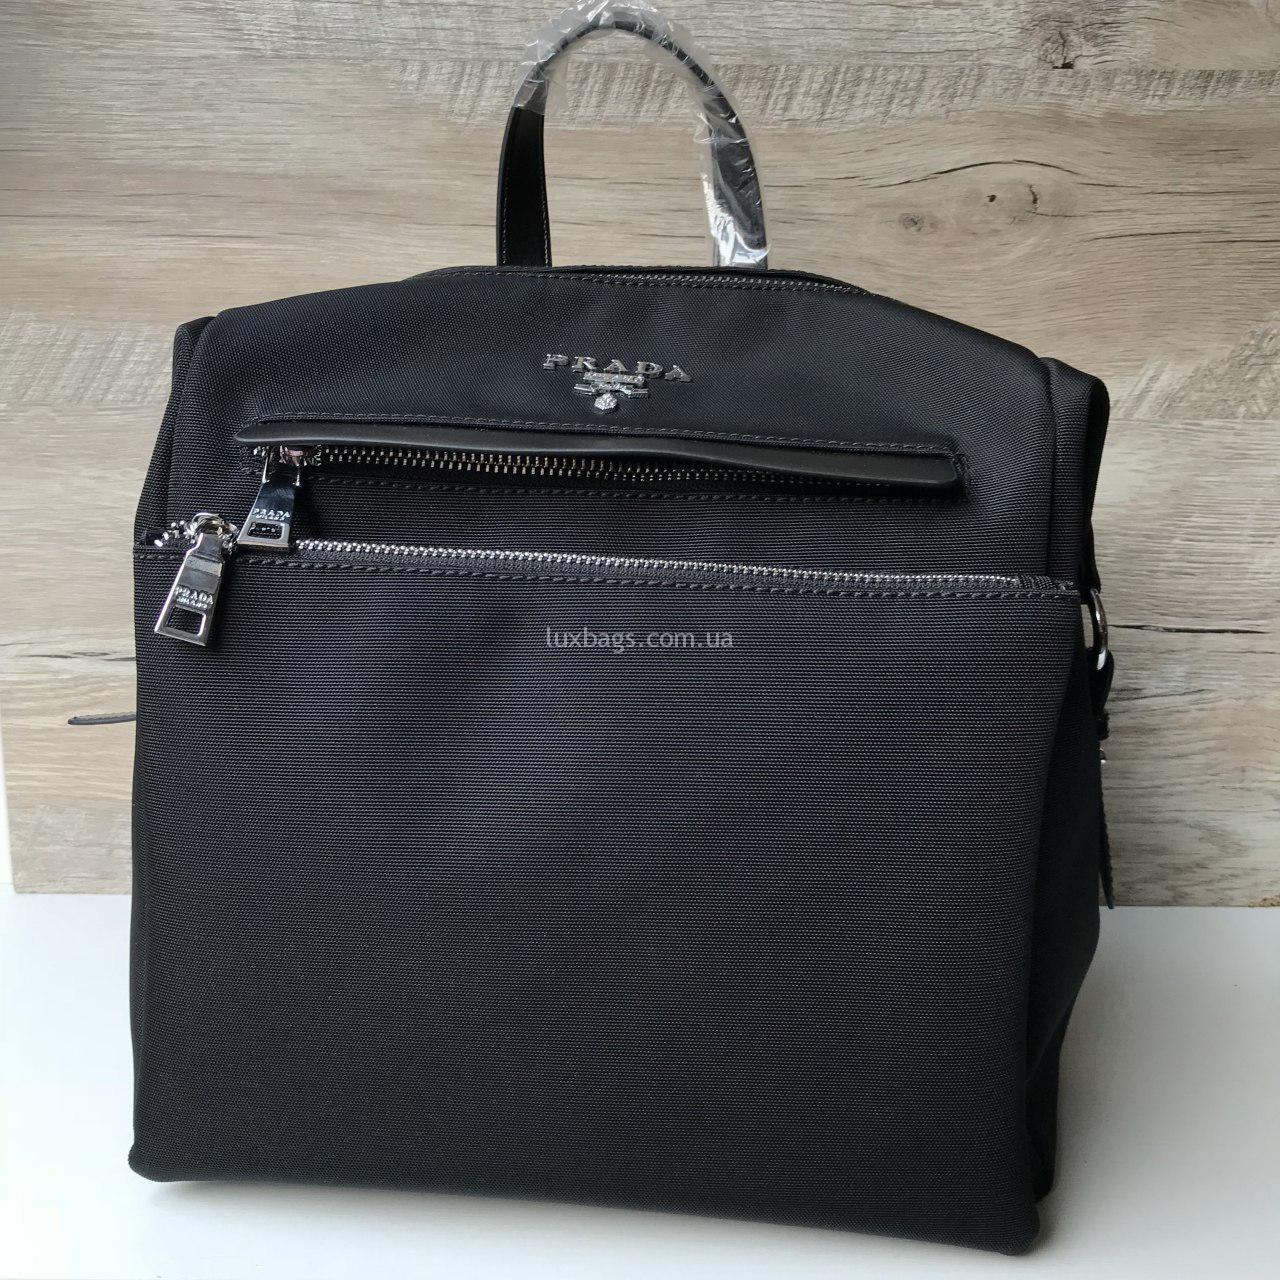 Купить Рюкзак Prada (Прада), сумка-рюкзак   lux-bags 4eed16d0ba6